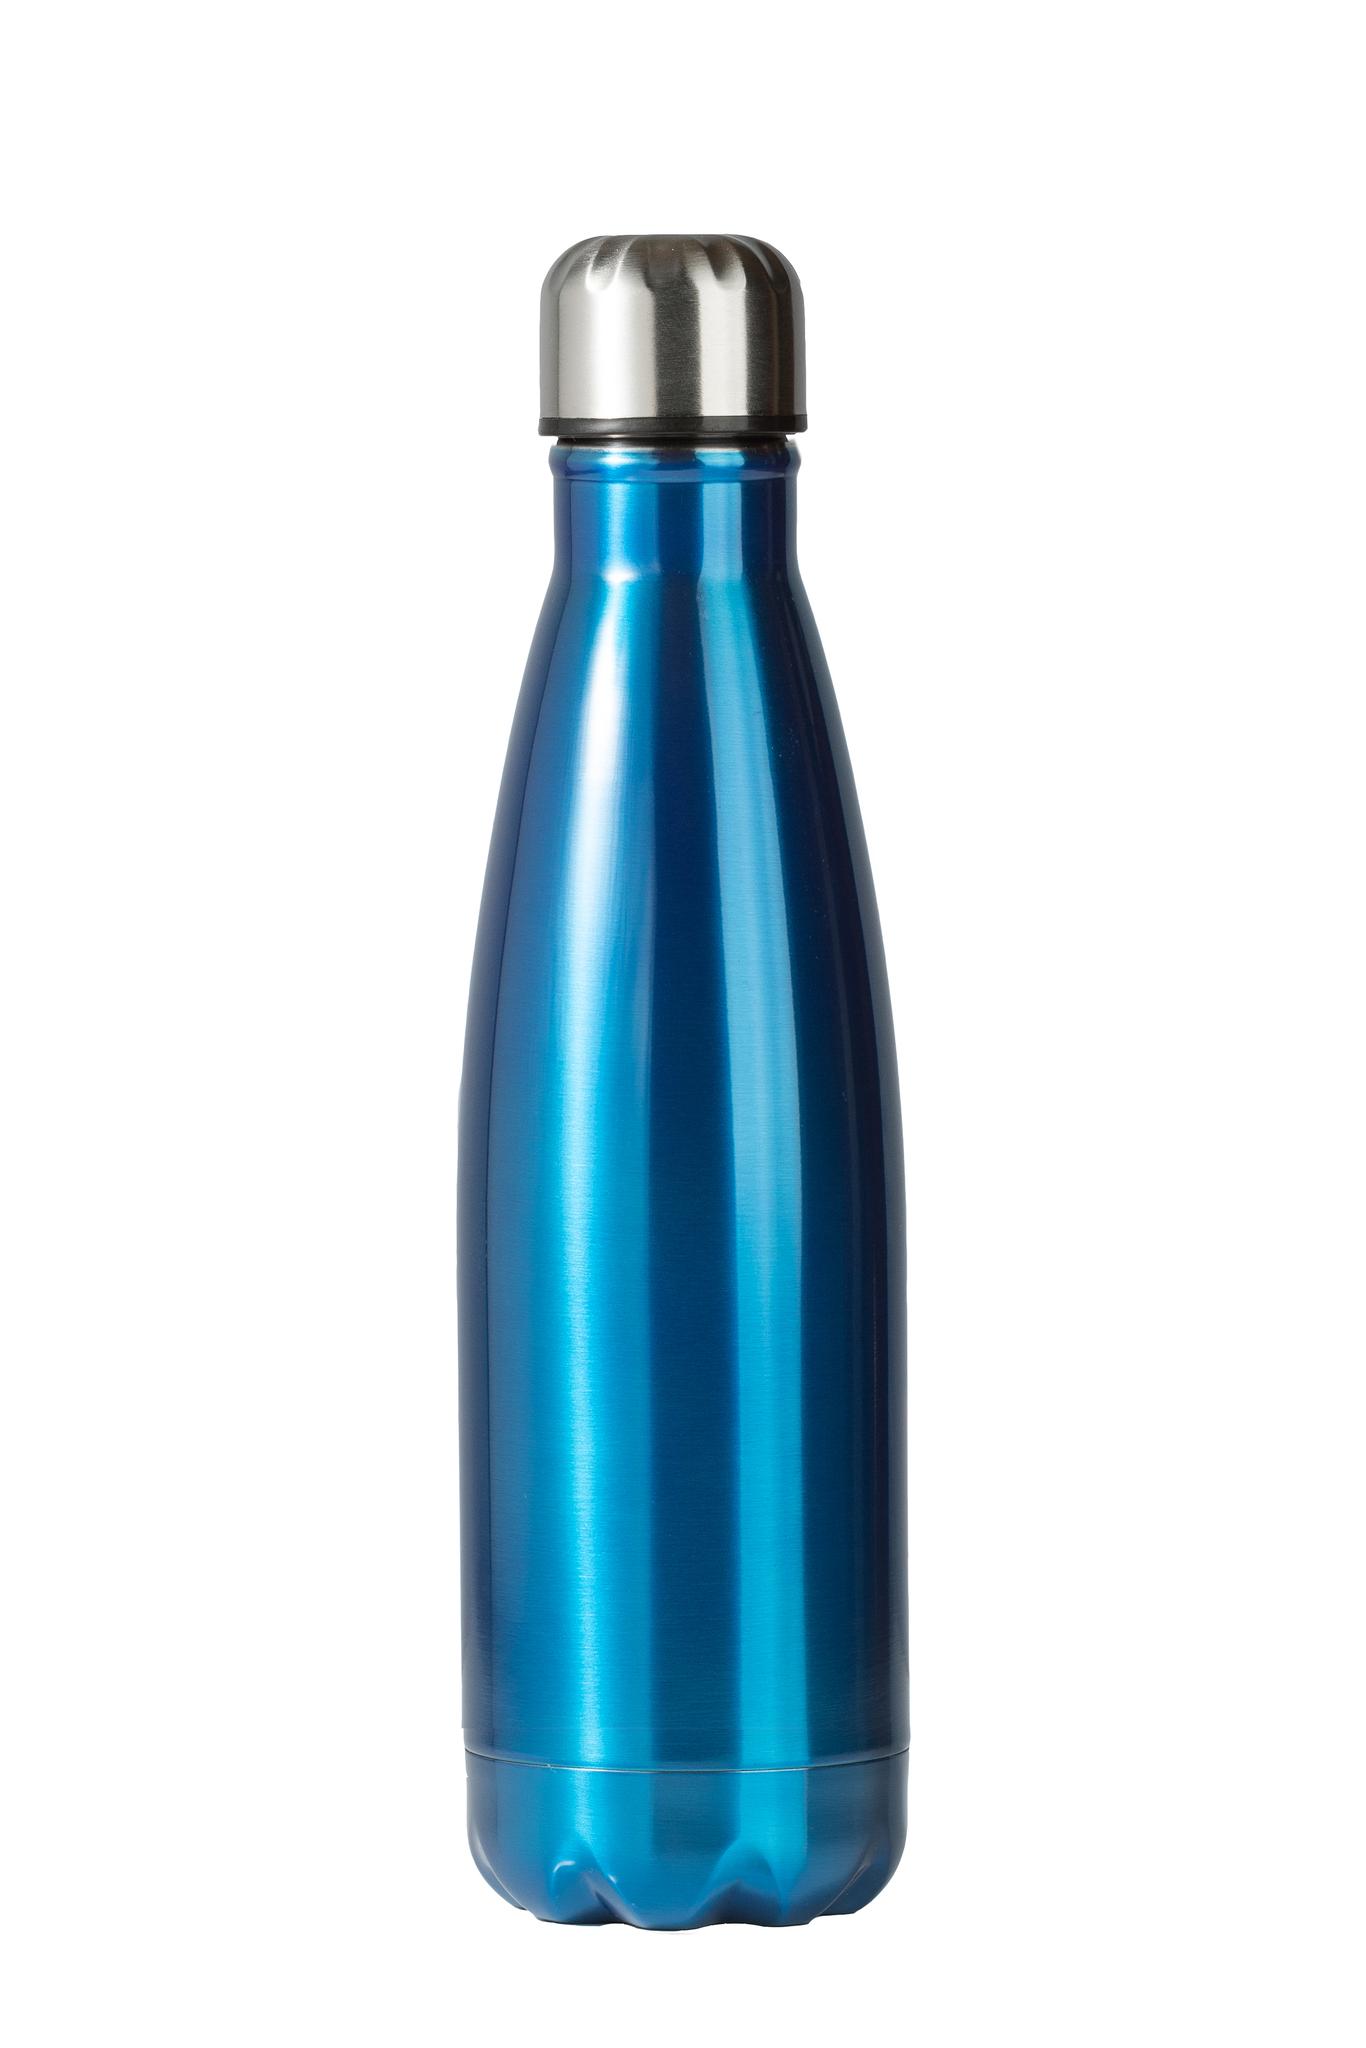 ILSA Trinkflasche Vakuumisoliert / Edelstahl 50cl blau